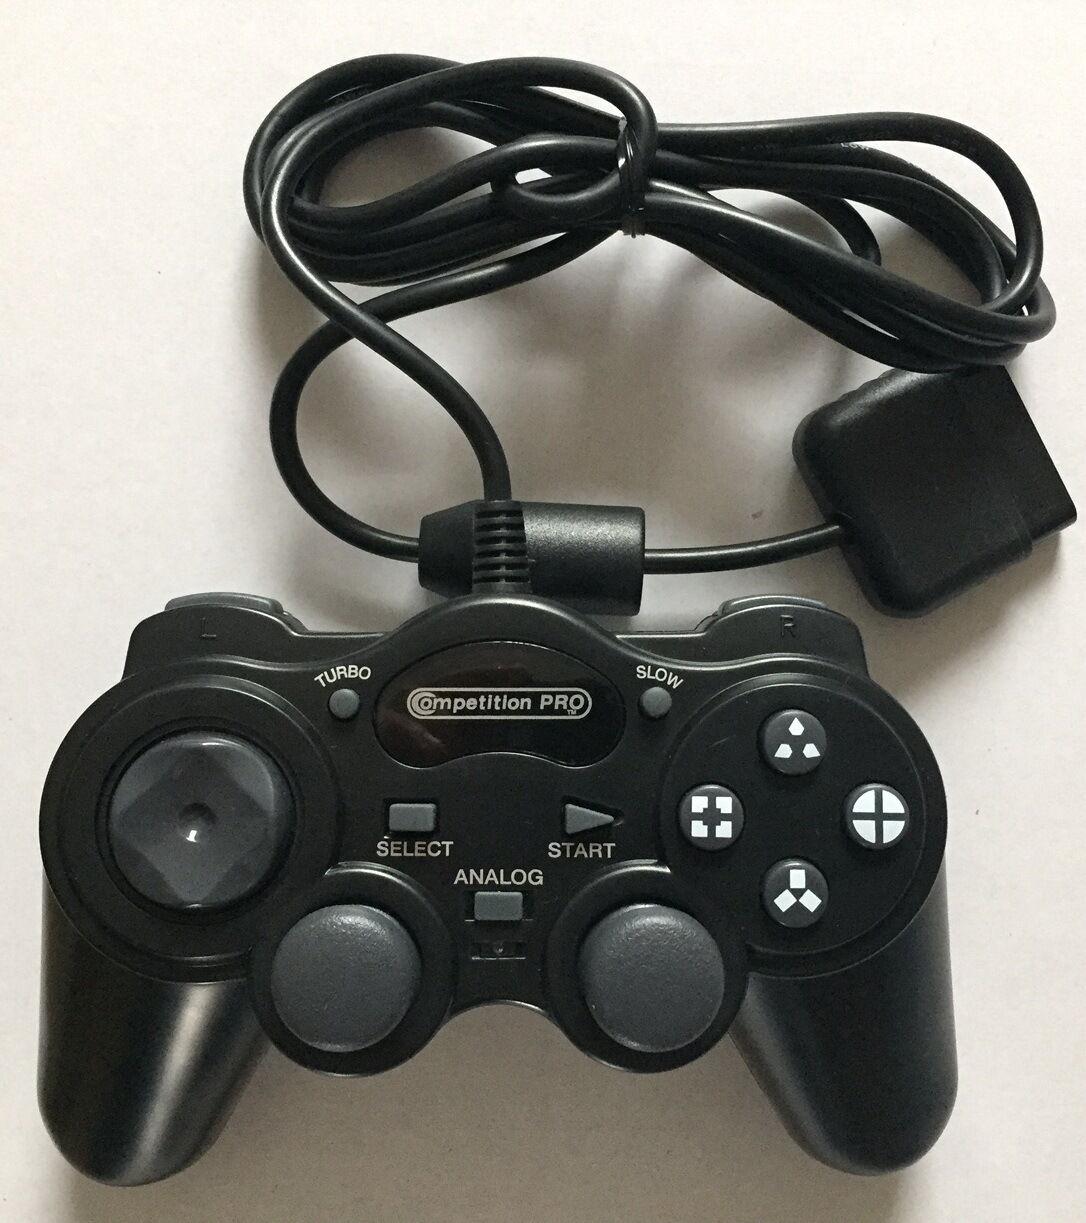 Playstation 2 Controller - Gamepad für PS2 **NEU** Schwarz - Competition Pro